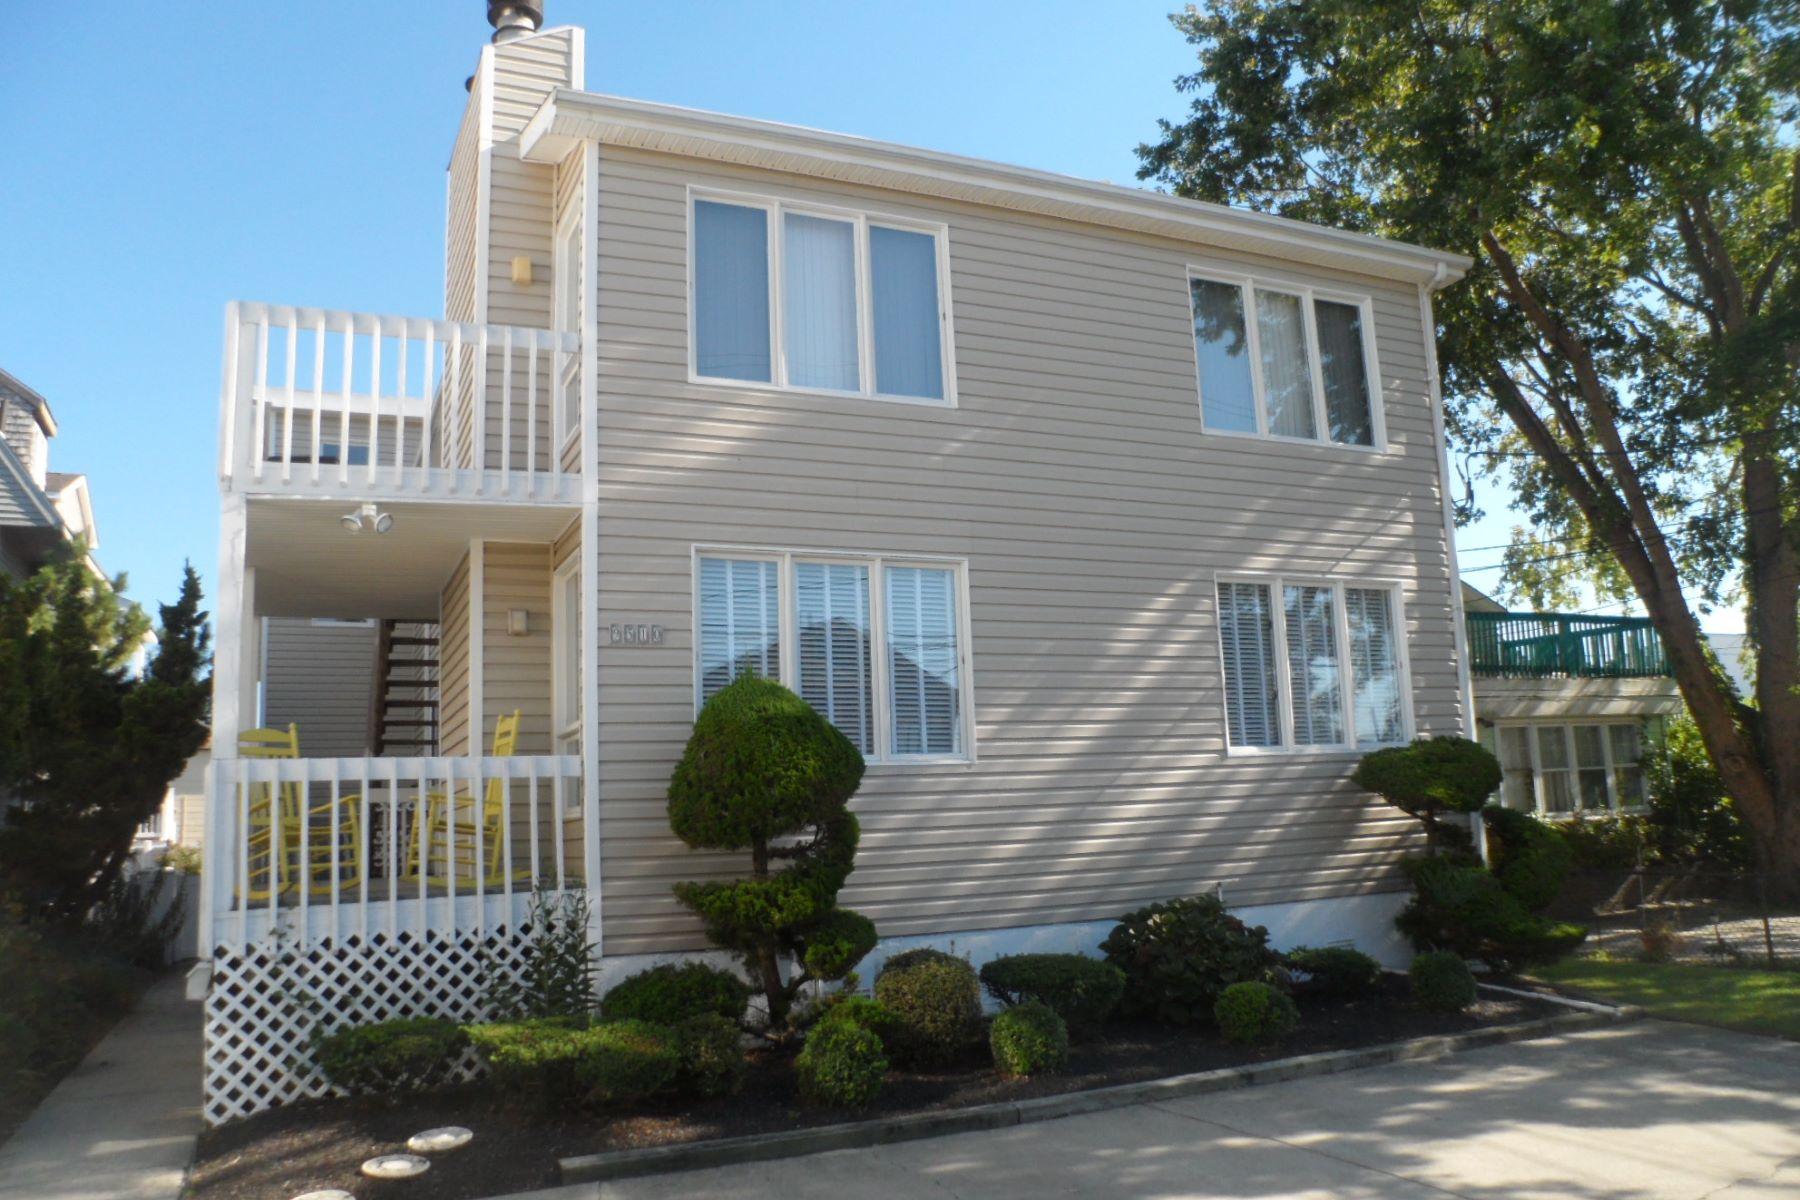 共管式独立产权公寓 为 销售 在 9510 Monmouth 9510 Monmouth UNIT A, 马盖特, 新泽西州, 08402 美国